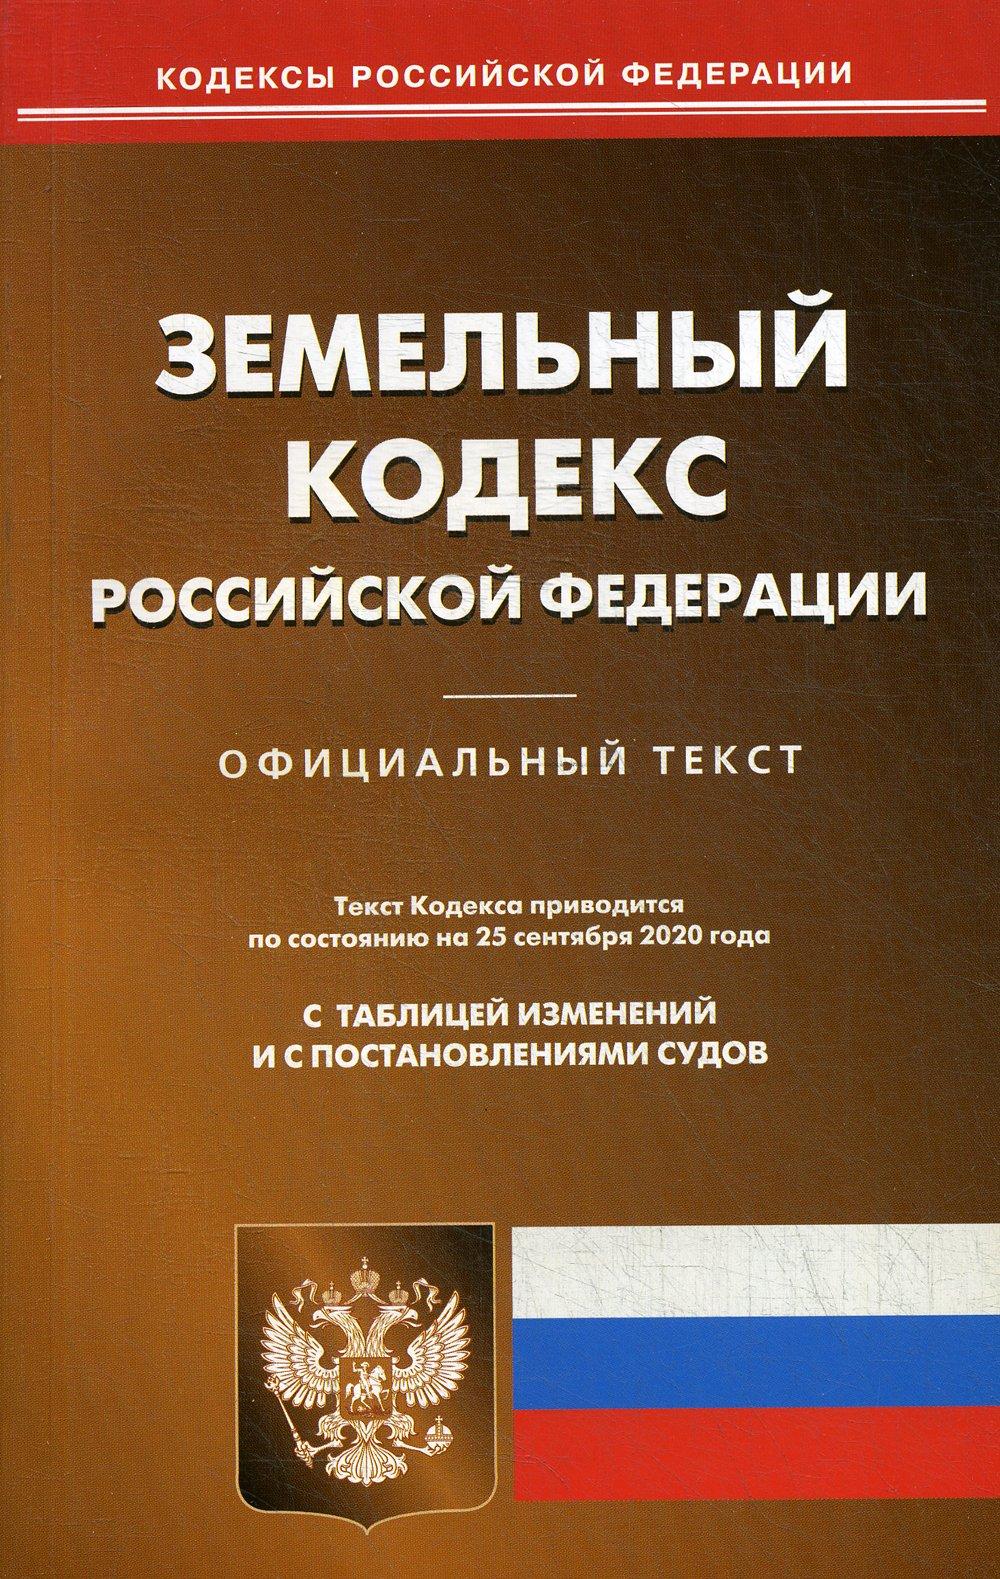 Земельный кодекс РФ (по сост. на 25.09.2020 г.)